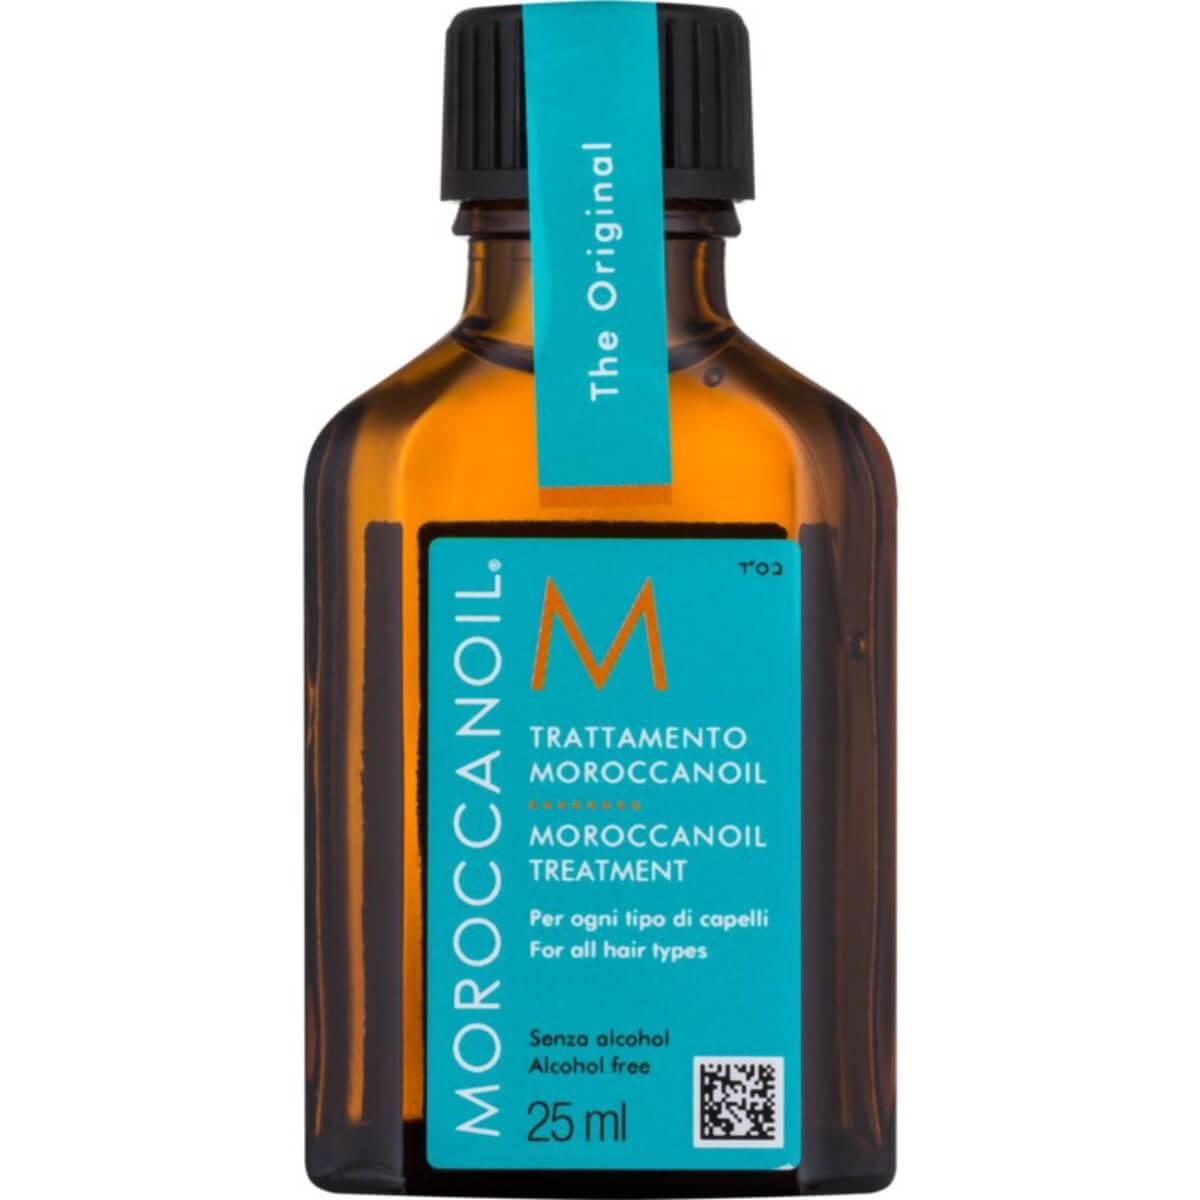 Óleo Capilar de Tratamento Moroccanoil Sem Álcool com 25ml 25ml